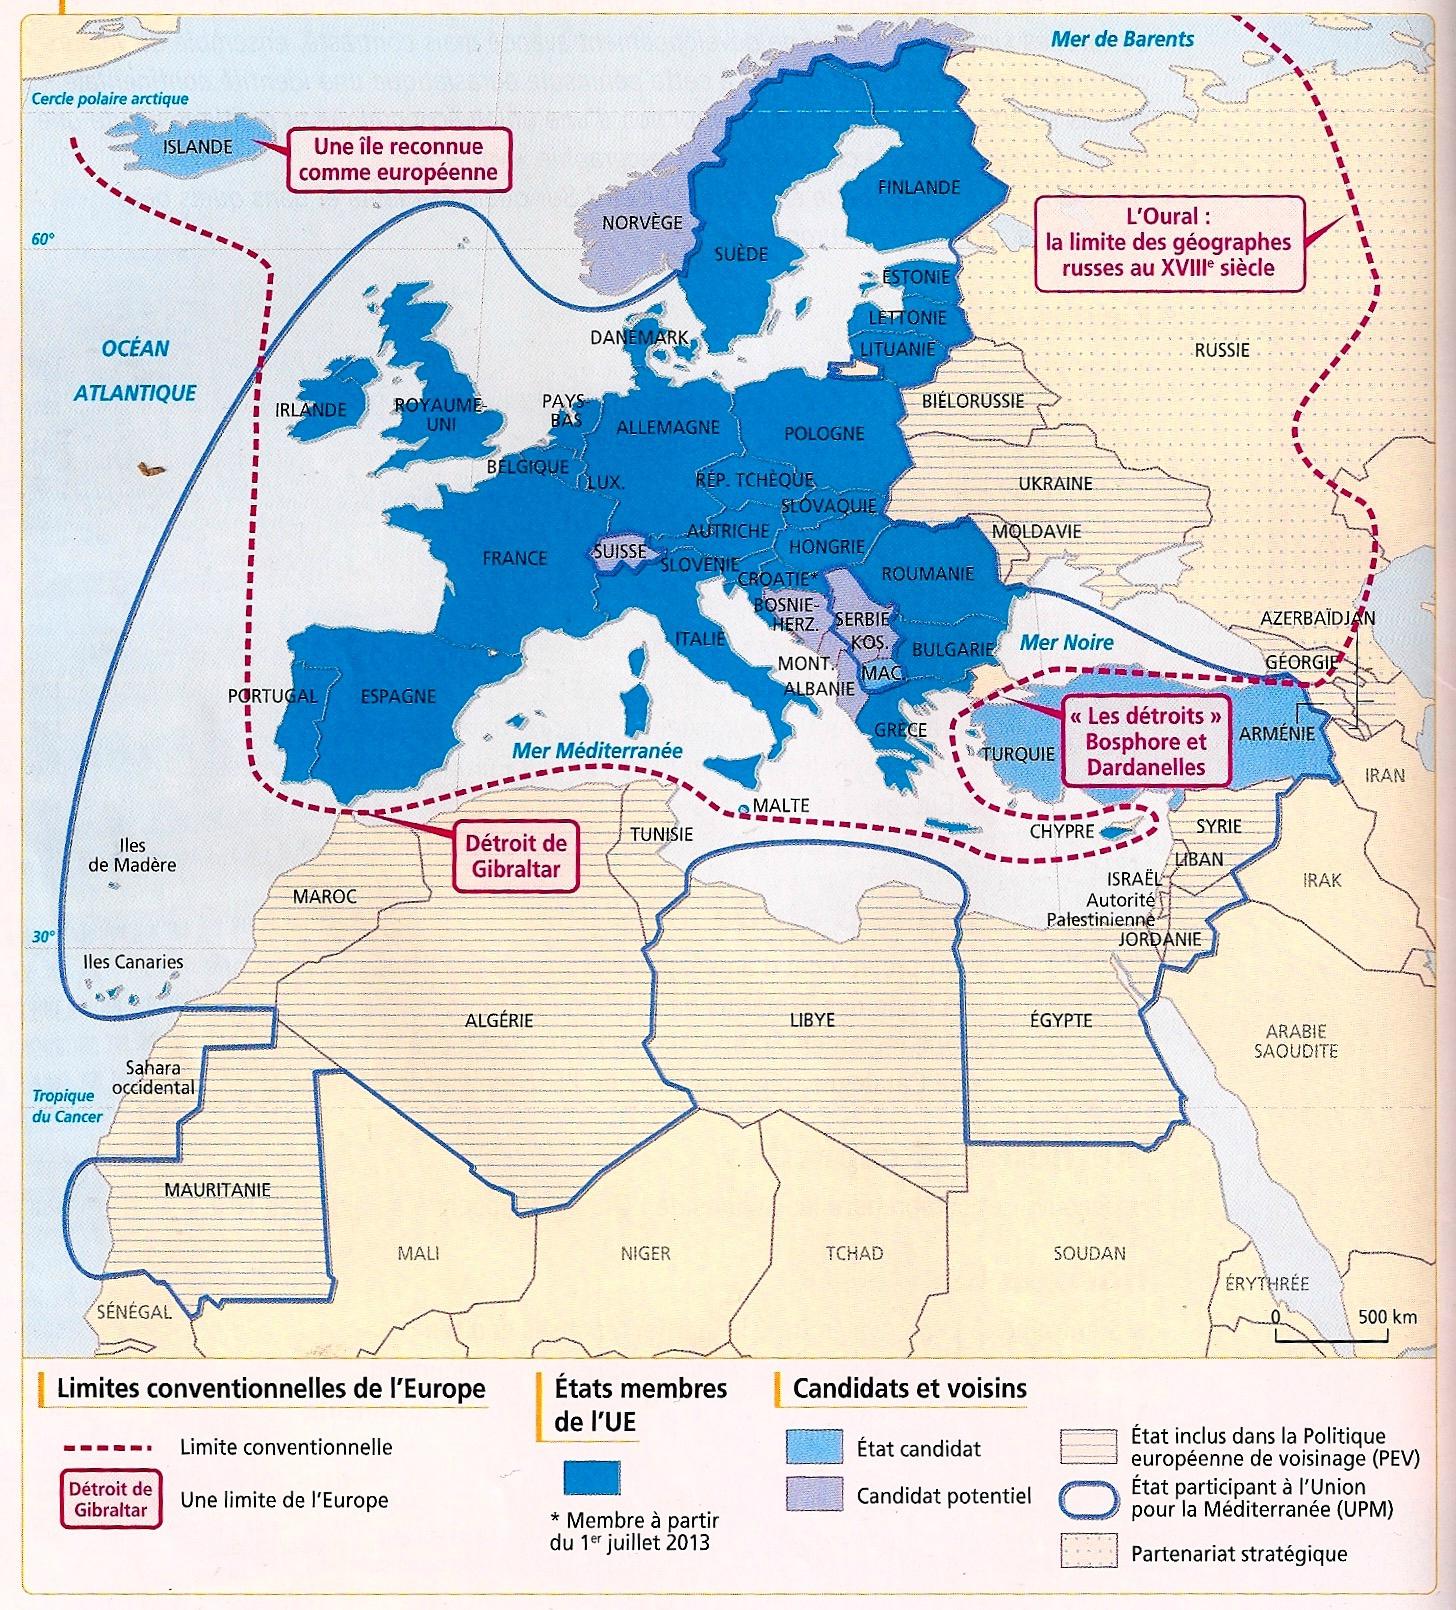 Le Continent Européen, Ses Divisions Et Ses Limites - Profs à Carte Europe De L Est